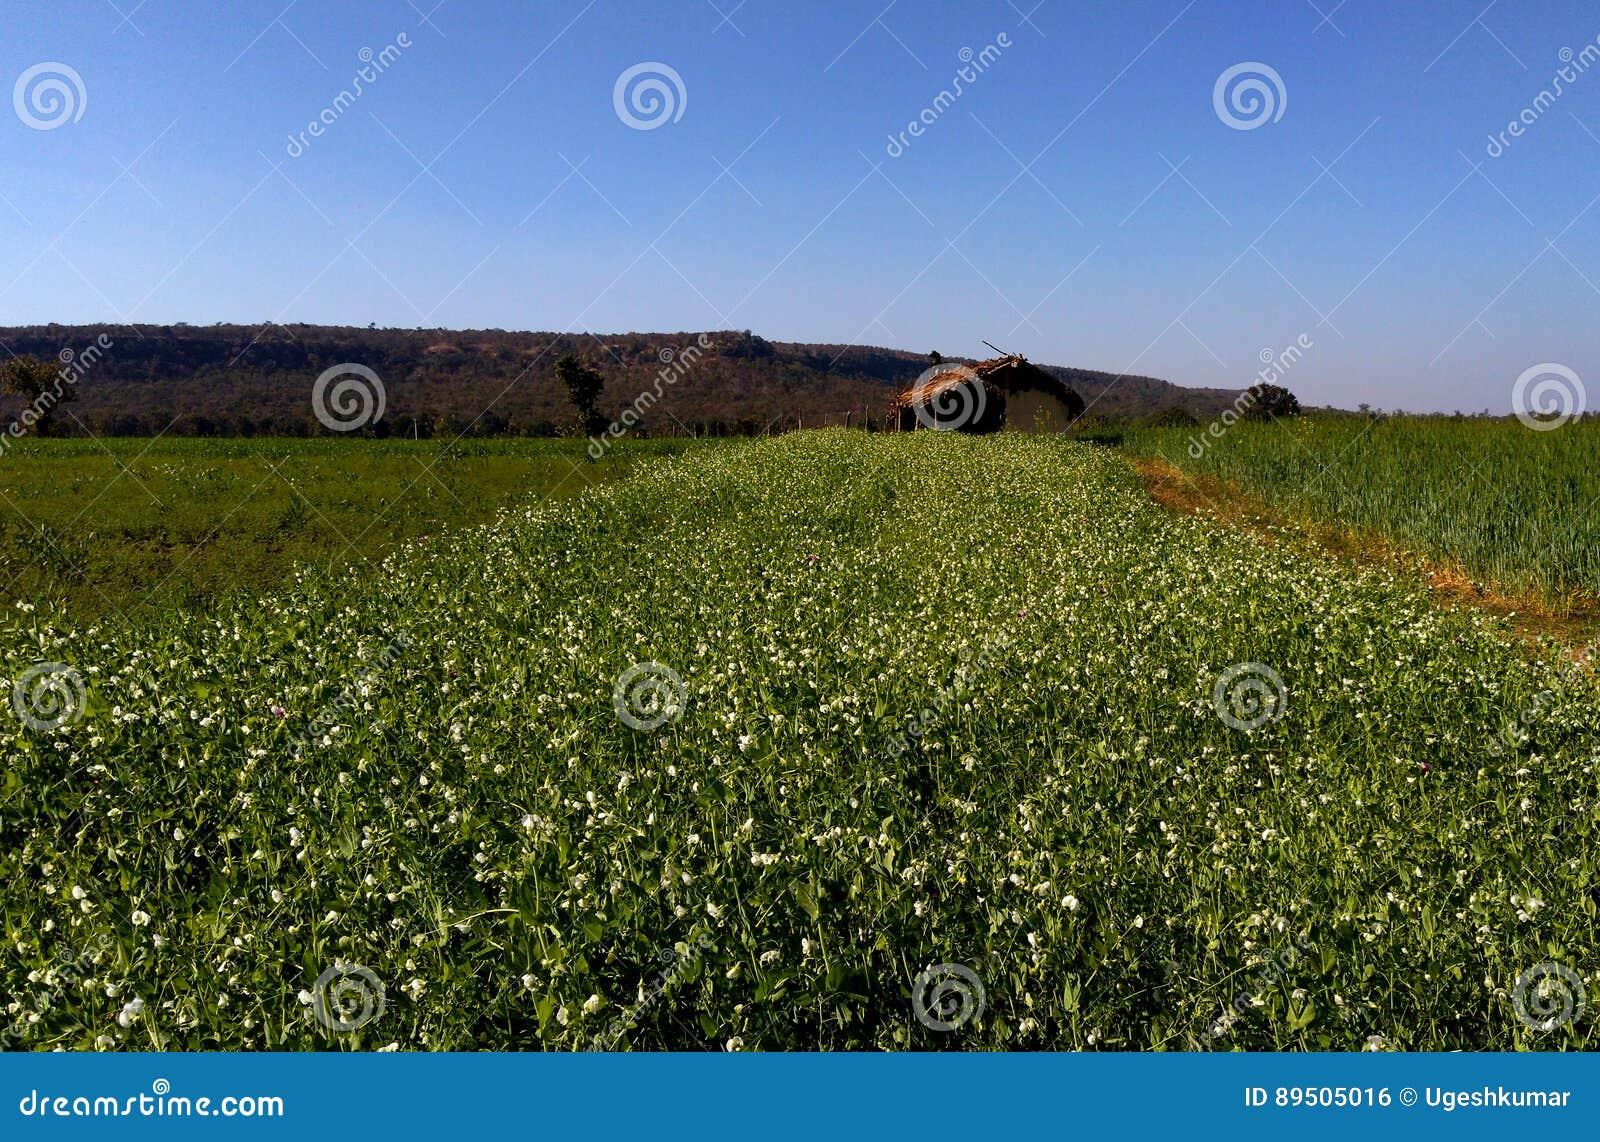 Όμορφα καλλιεργήσιμο έδαφος και τοπίο, samarda, Bhopal, Ινδία